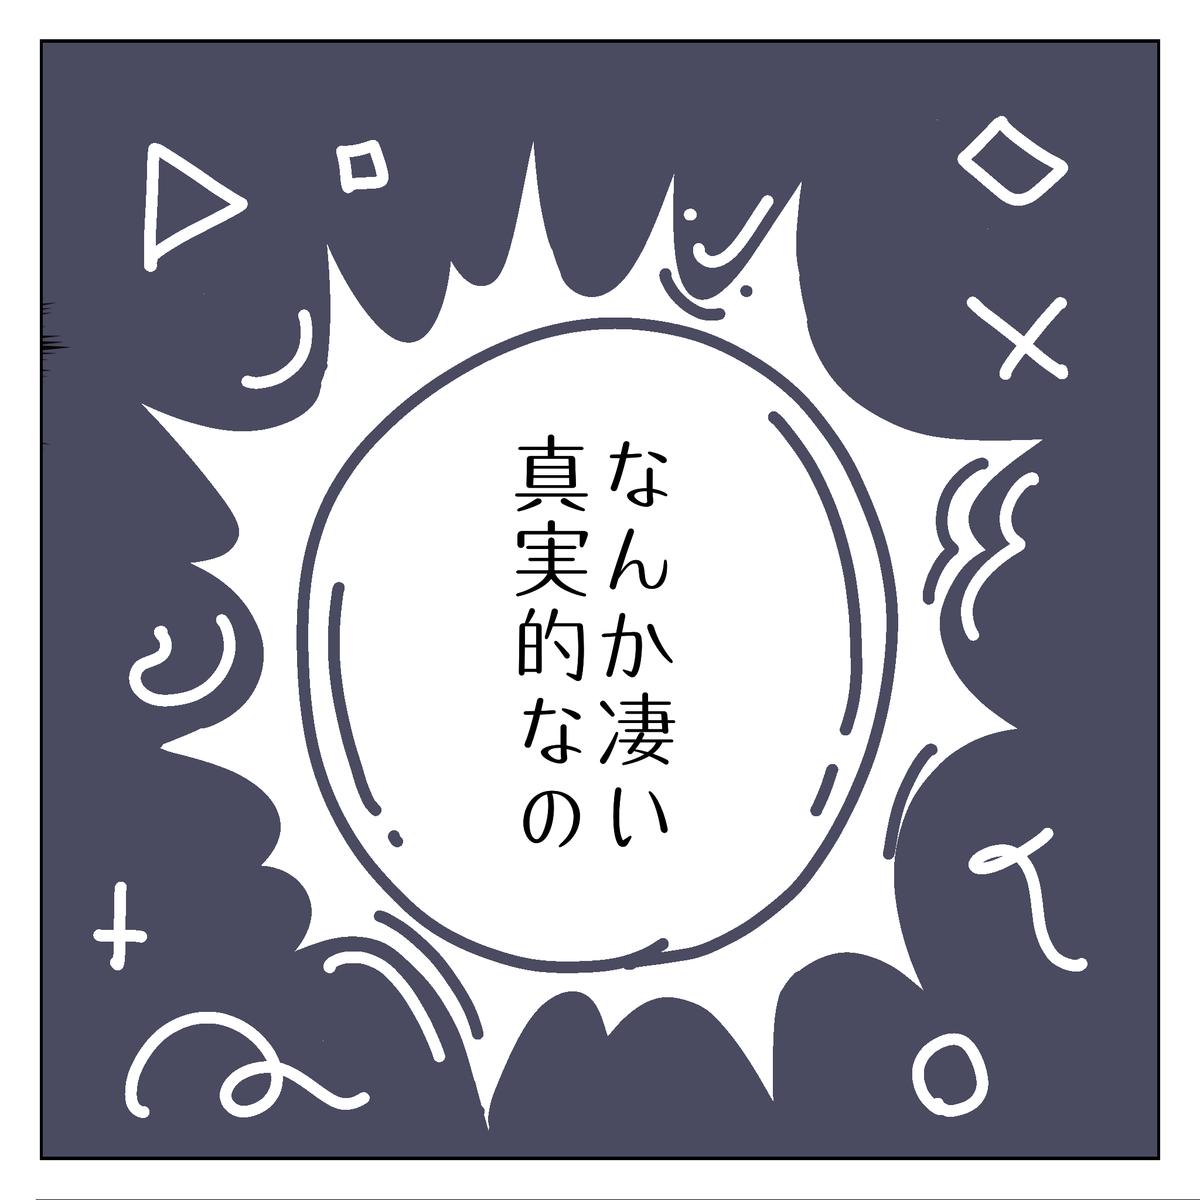 f:id:YuruFuwaTa:20200519110934p:plain